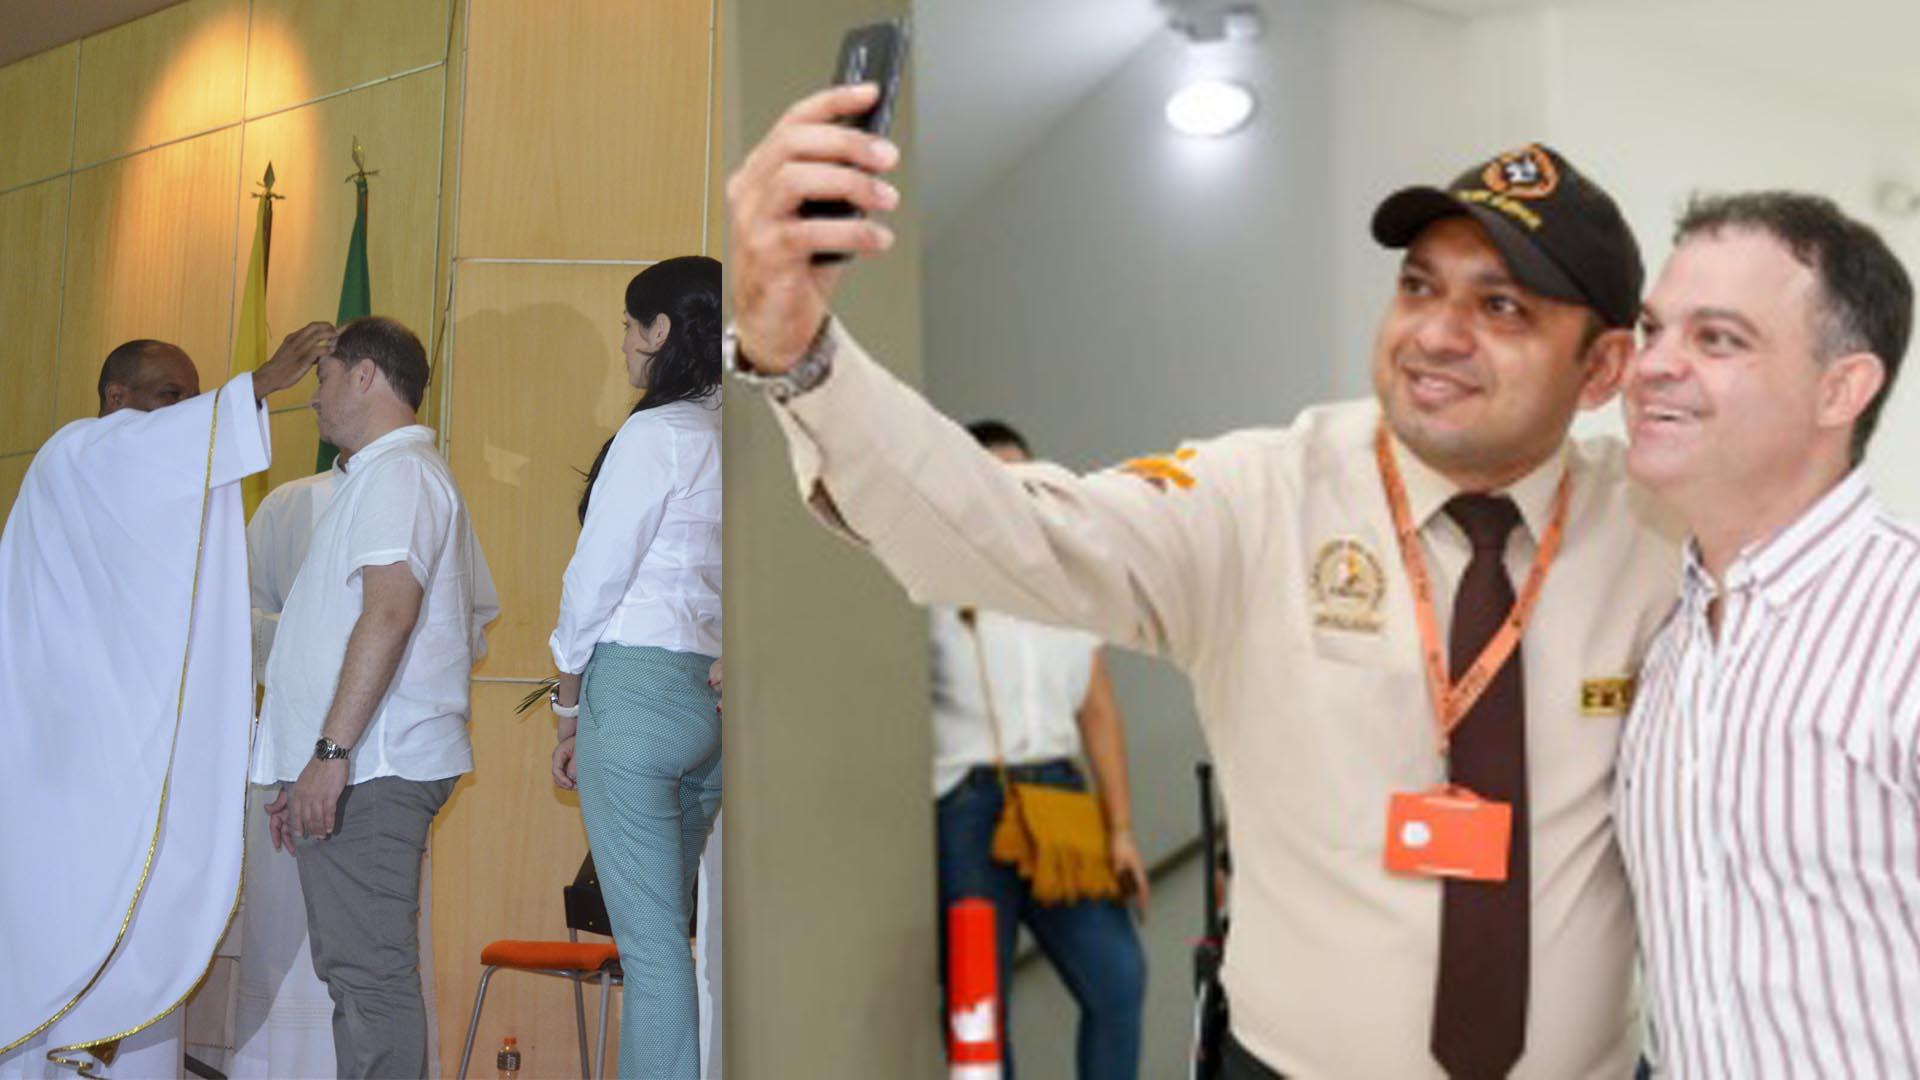 El gobernador de Sucre, Héctor Espinosa, y miembros de su gabinete durante una eucaristía / El alcalde Gómez atento a la selfie.